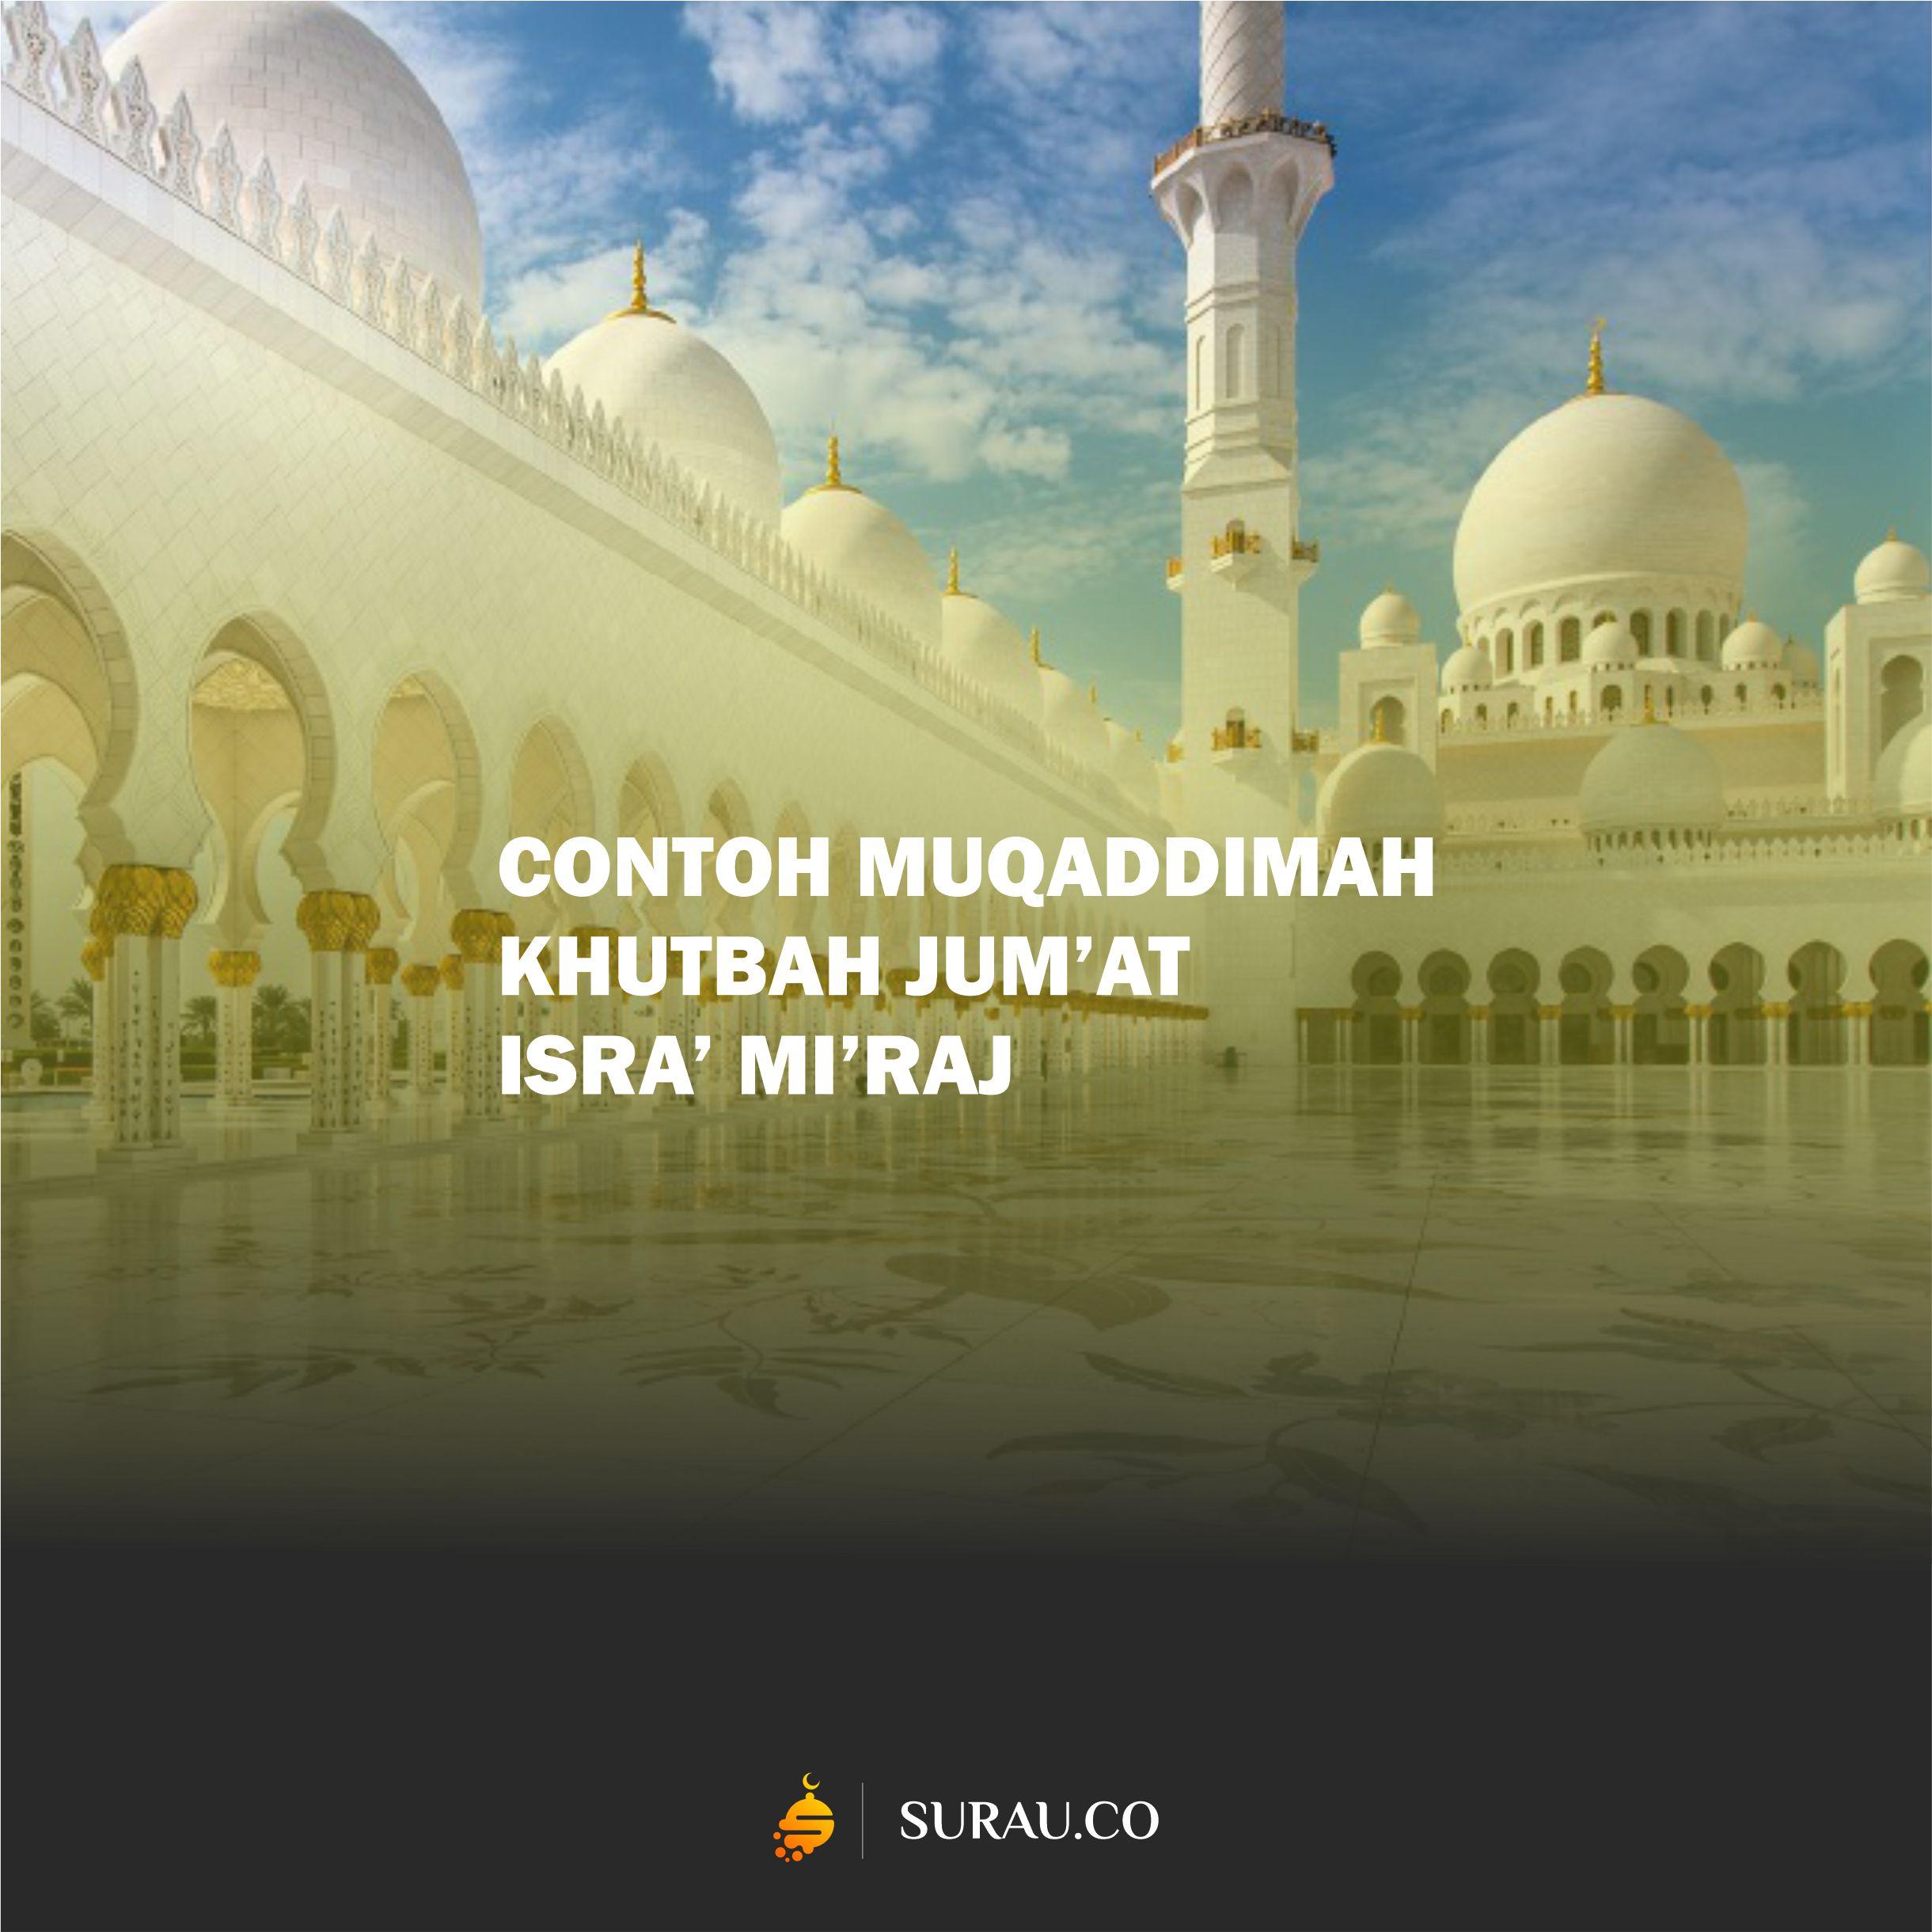 Muqaddimah Khutbah Isra' Mi'raj Surau